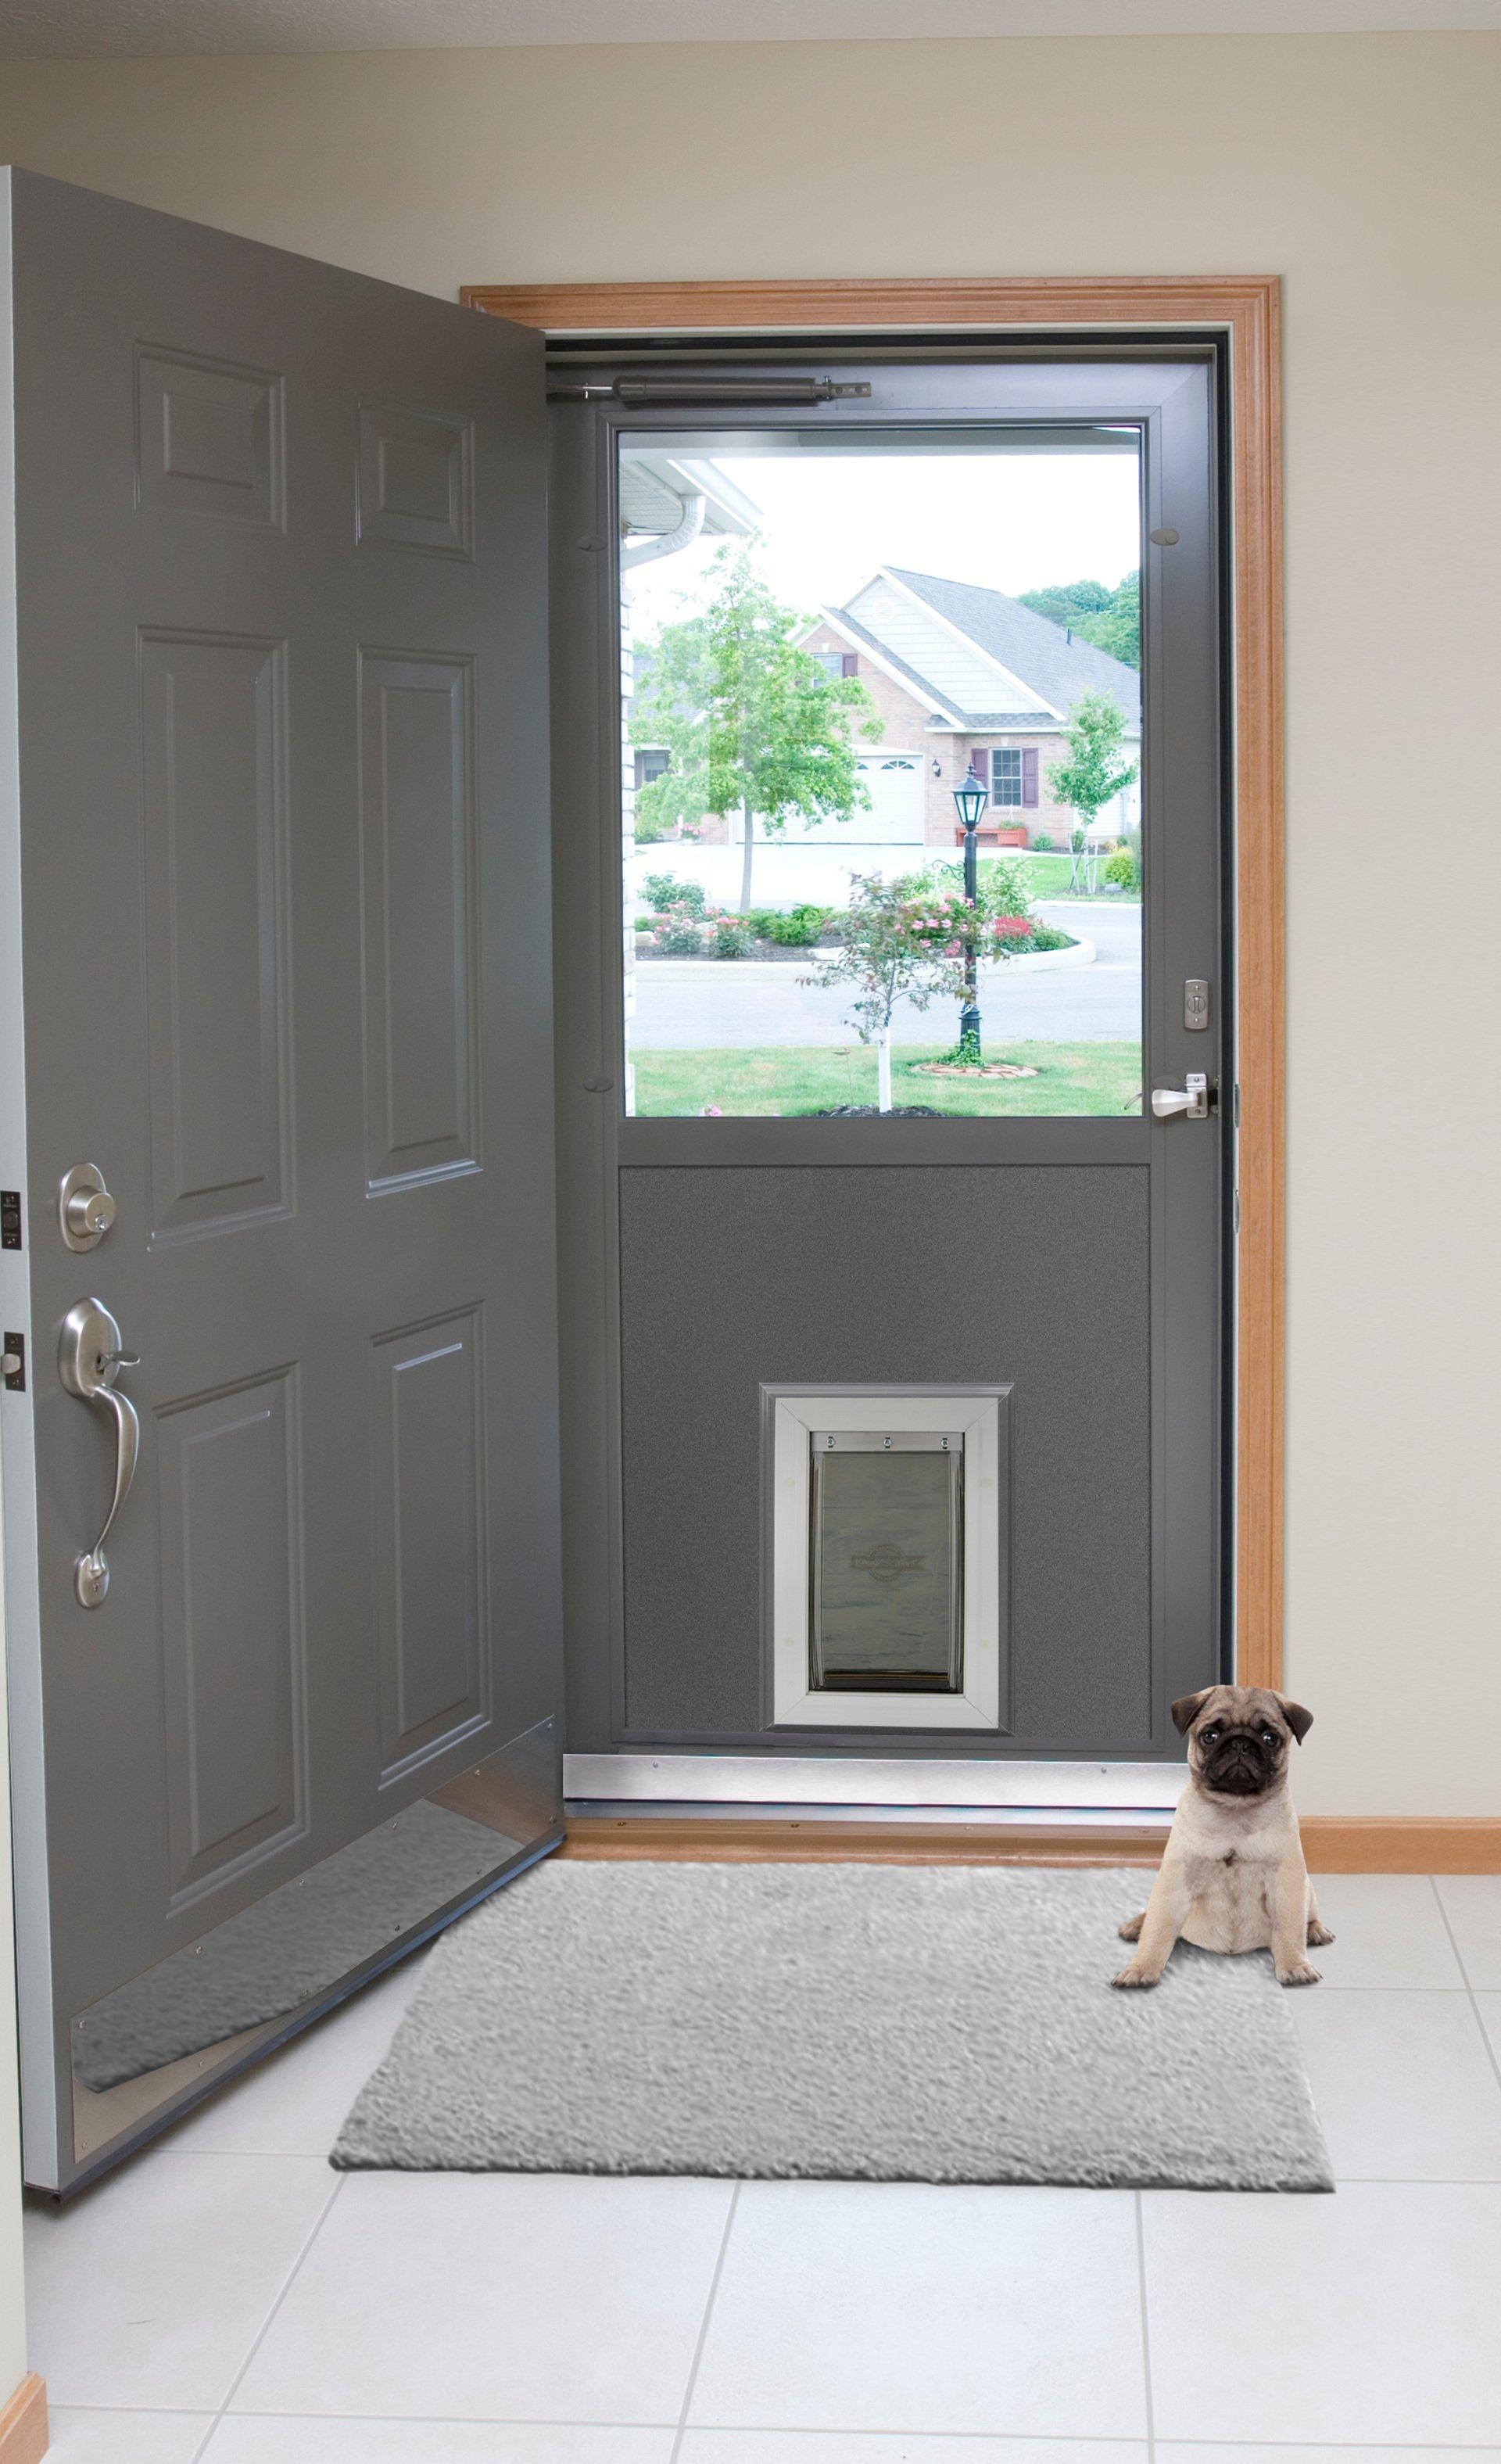 Dog in the door — Door & insulation service